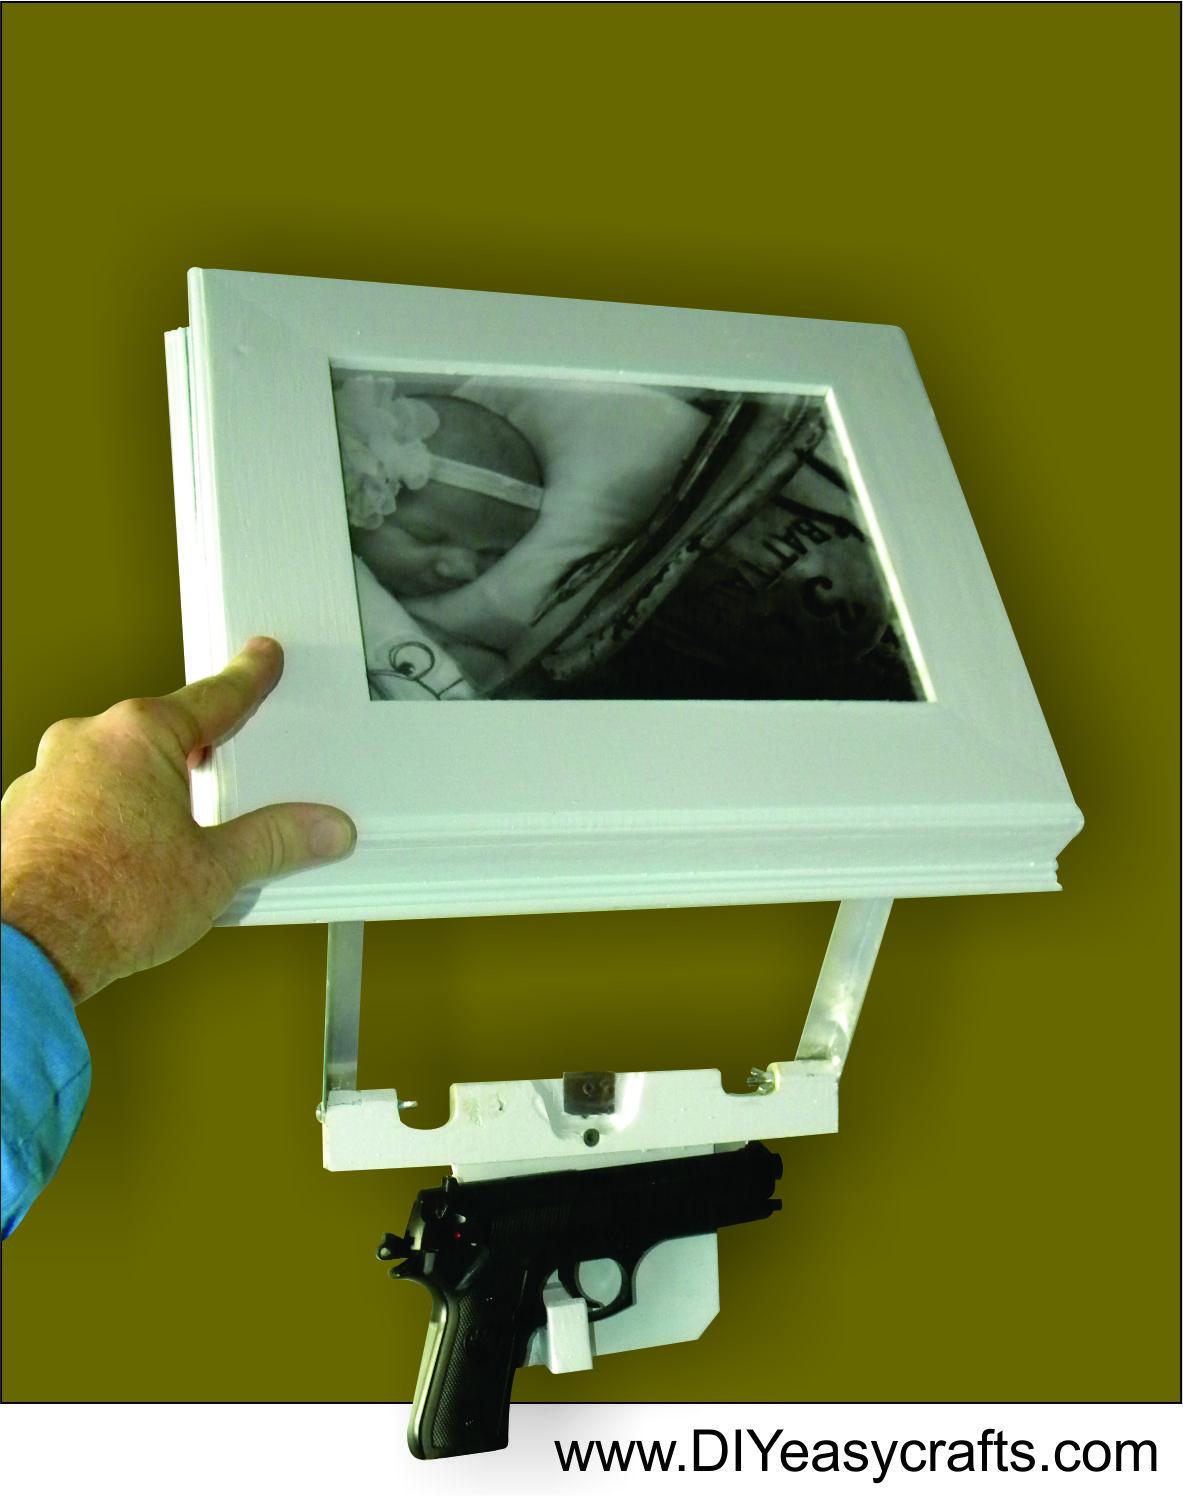 How To Make A Diy Secret Hidden Compartment Picture Frame Gun Safe Build Magnetic Diyeasycraftscom